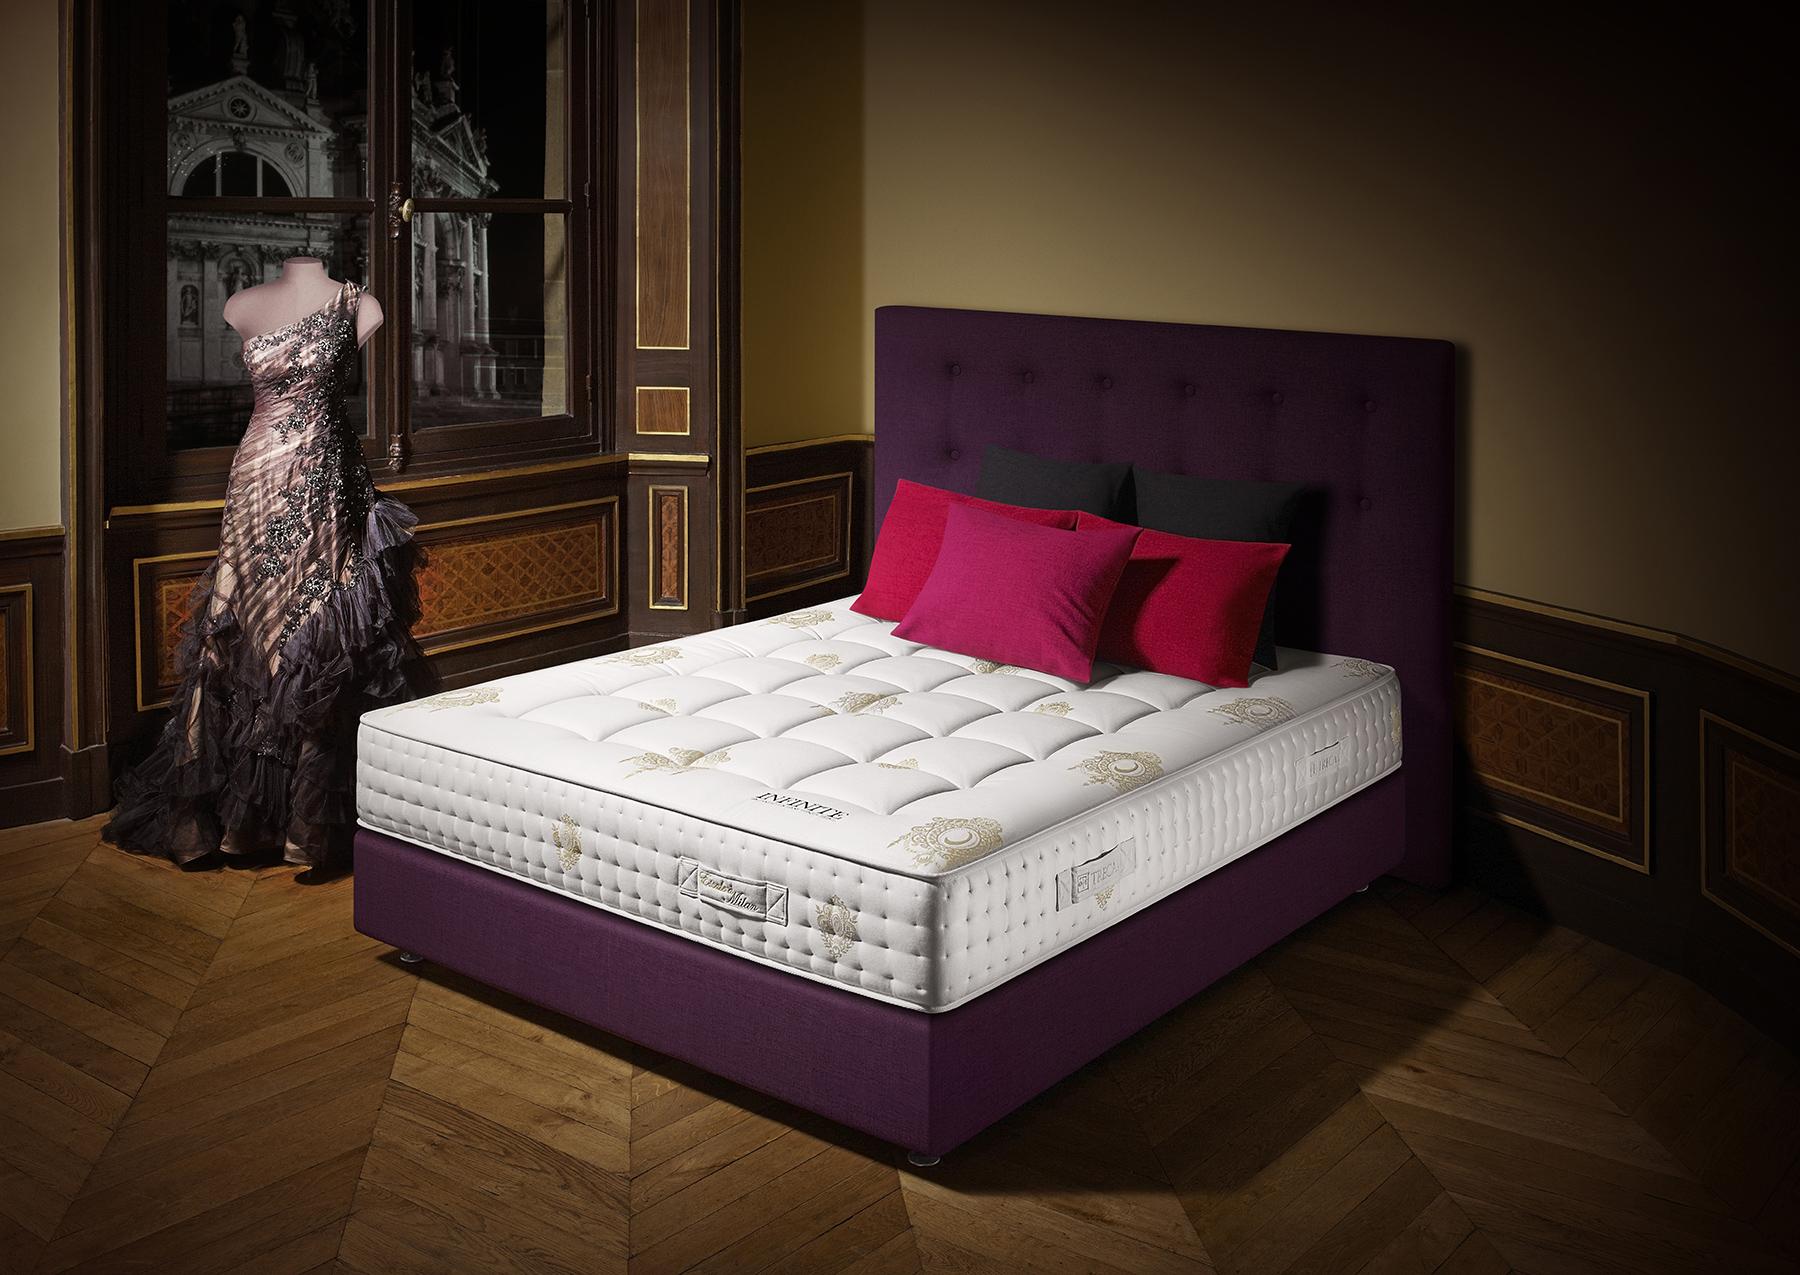 matelas grande taille hgl ballerines en matelas grande taille ftuvfjboq with matelas grande. Black Bedroom Furniture Sets. Home Design Ideas